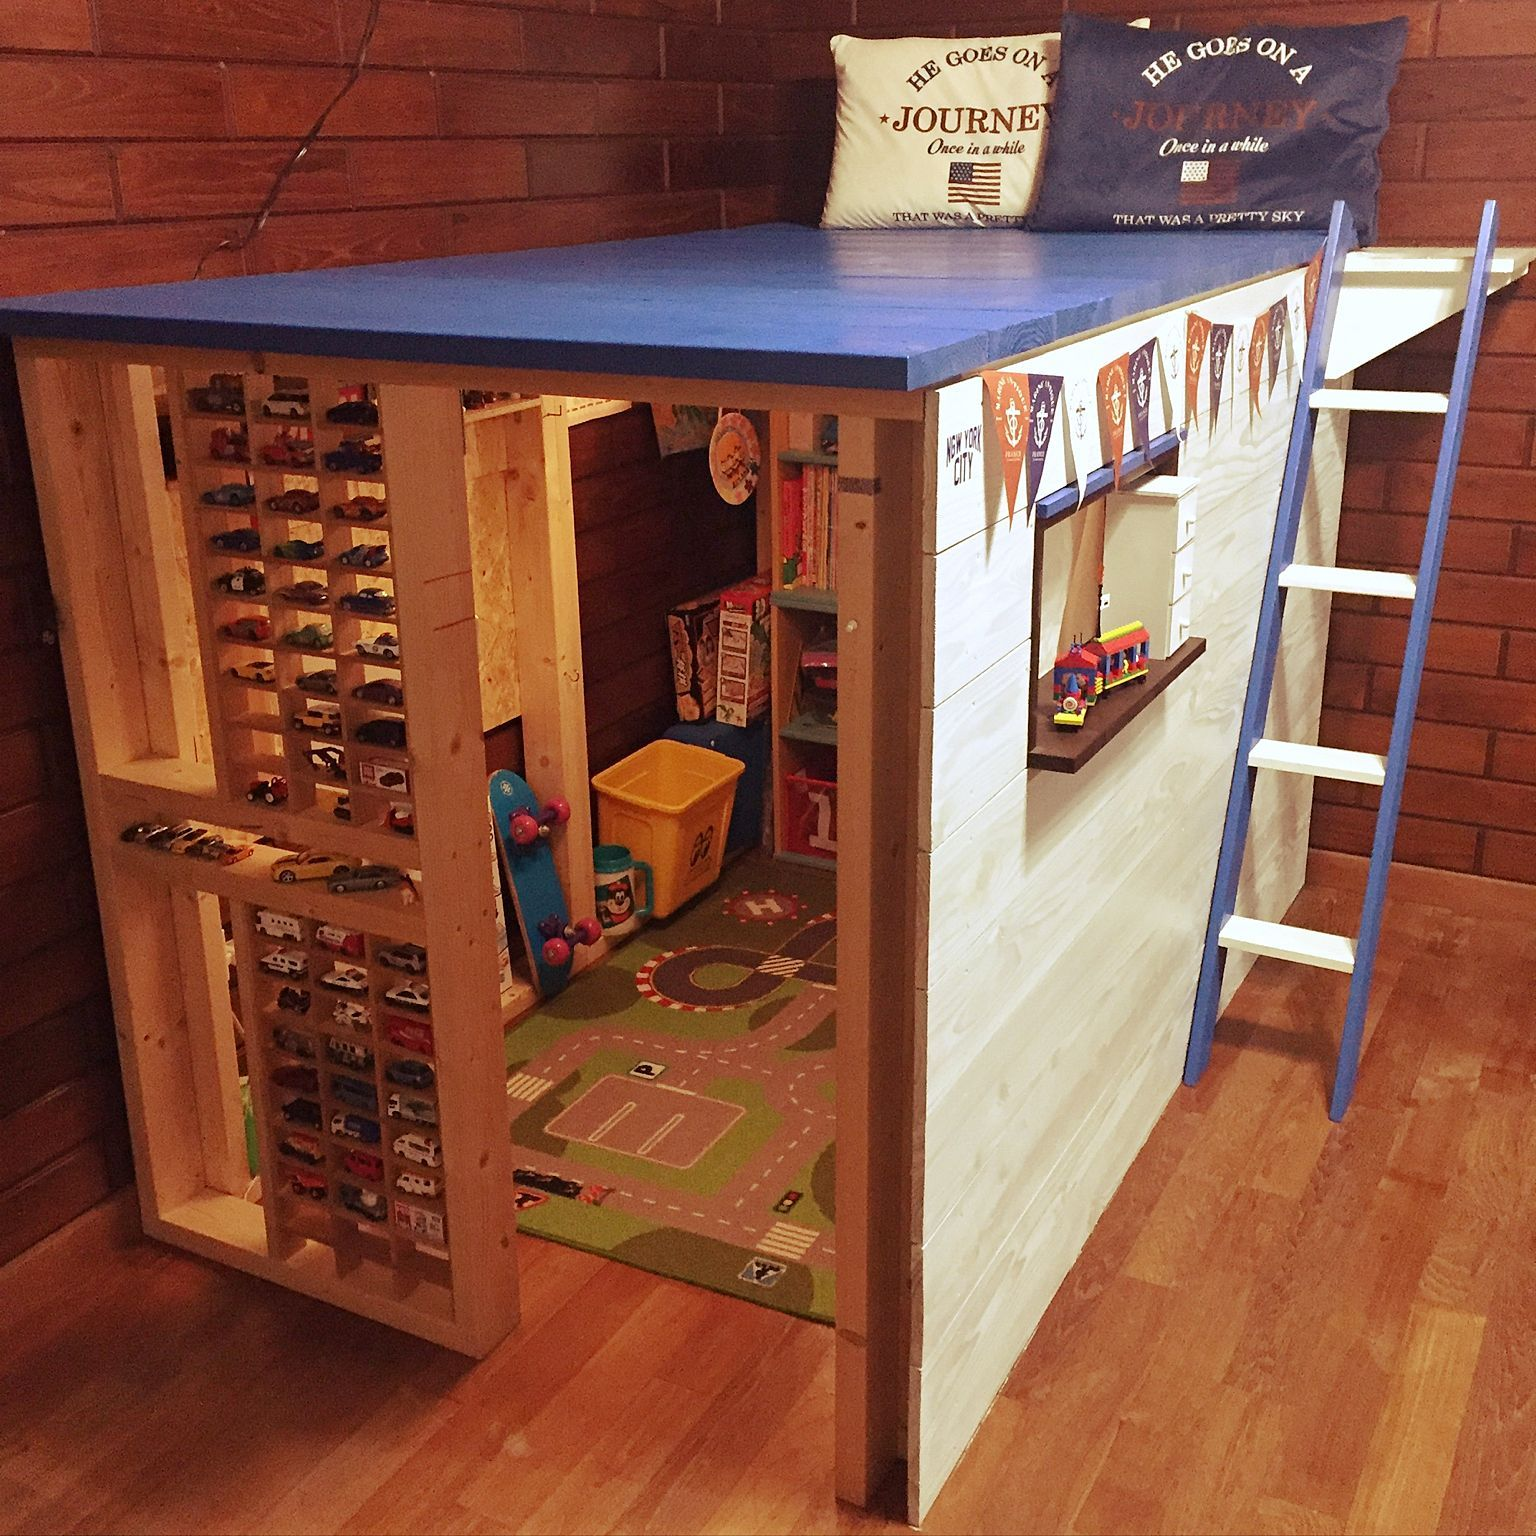 部屋全体 はしごdiy 自作階段 Lego おもちゃ収納 などのインテリア